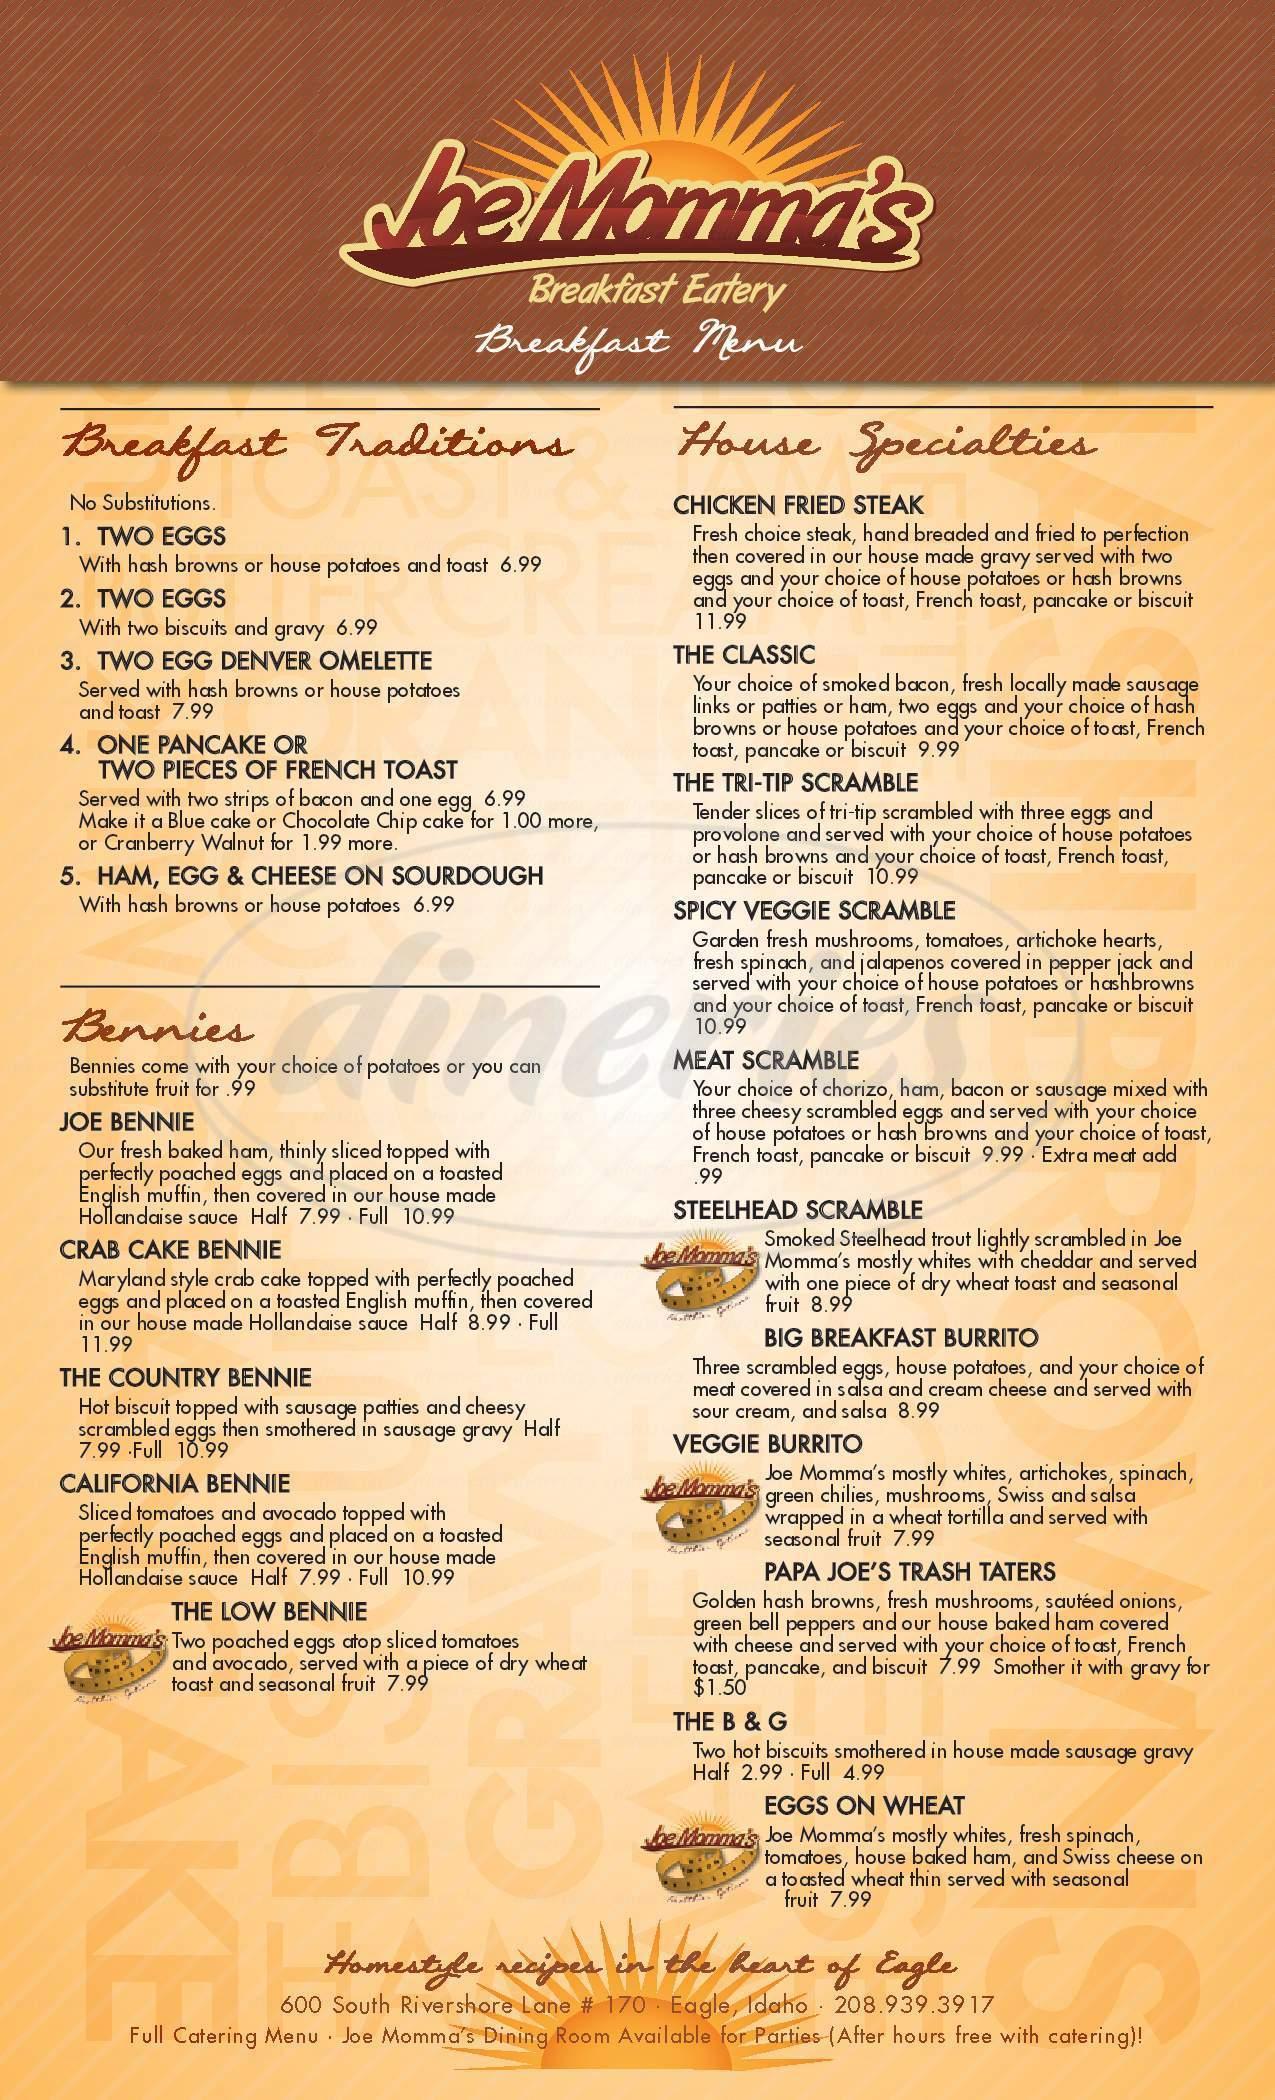 menu for Joe Momma's Breakfast Eatery